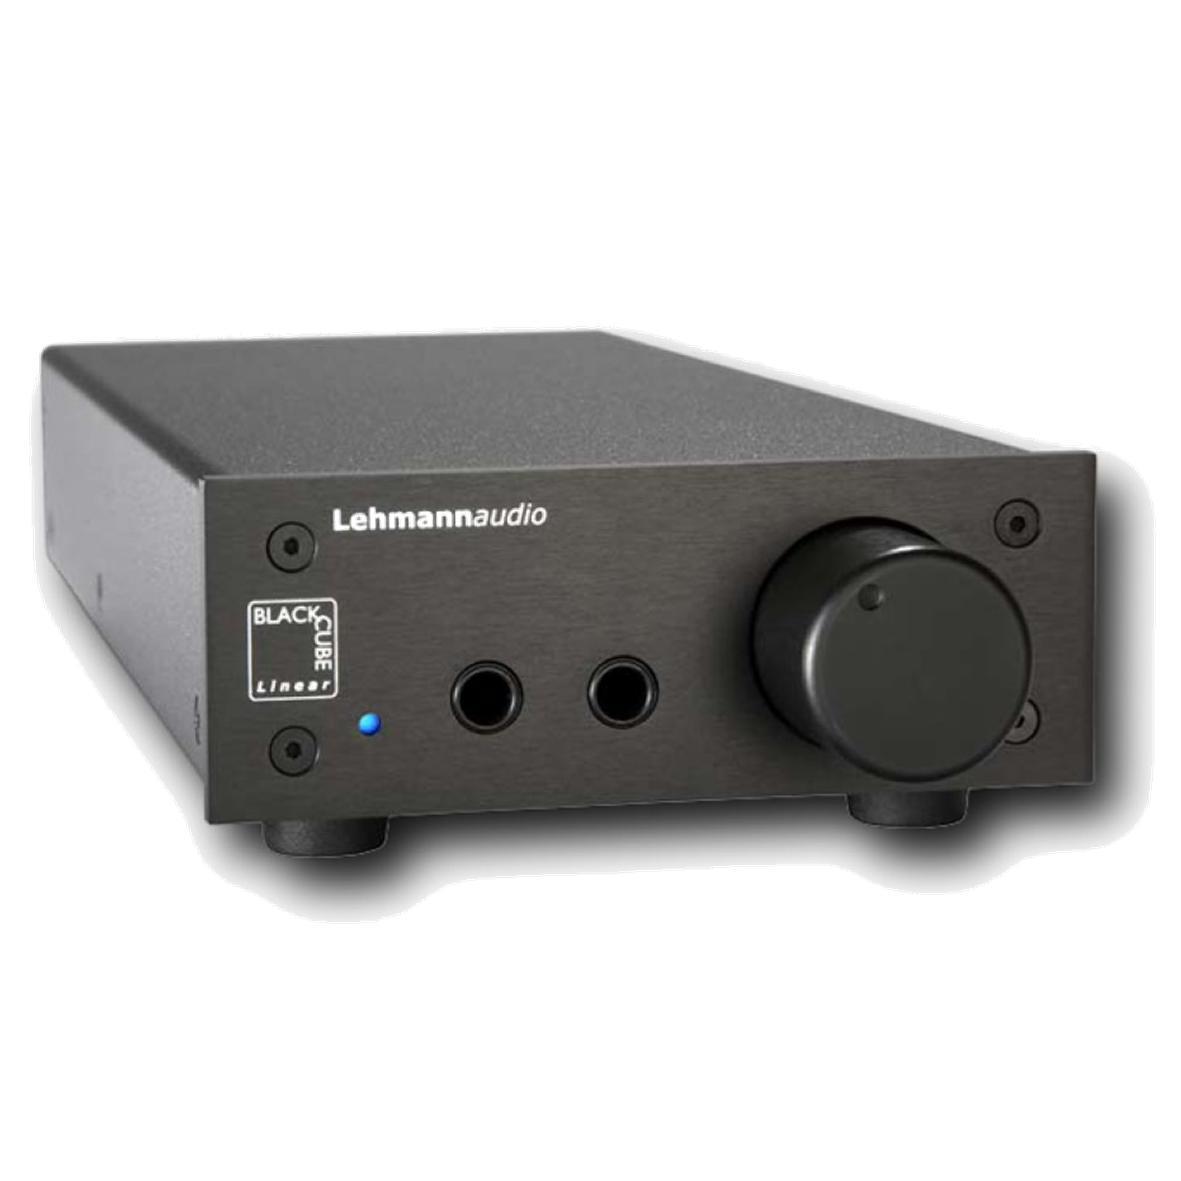 """Résultat de recherche d'images pour """"lehmann audio black cube linear"""""""